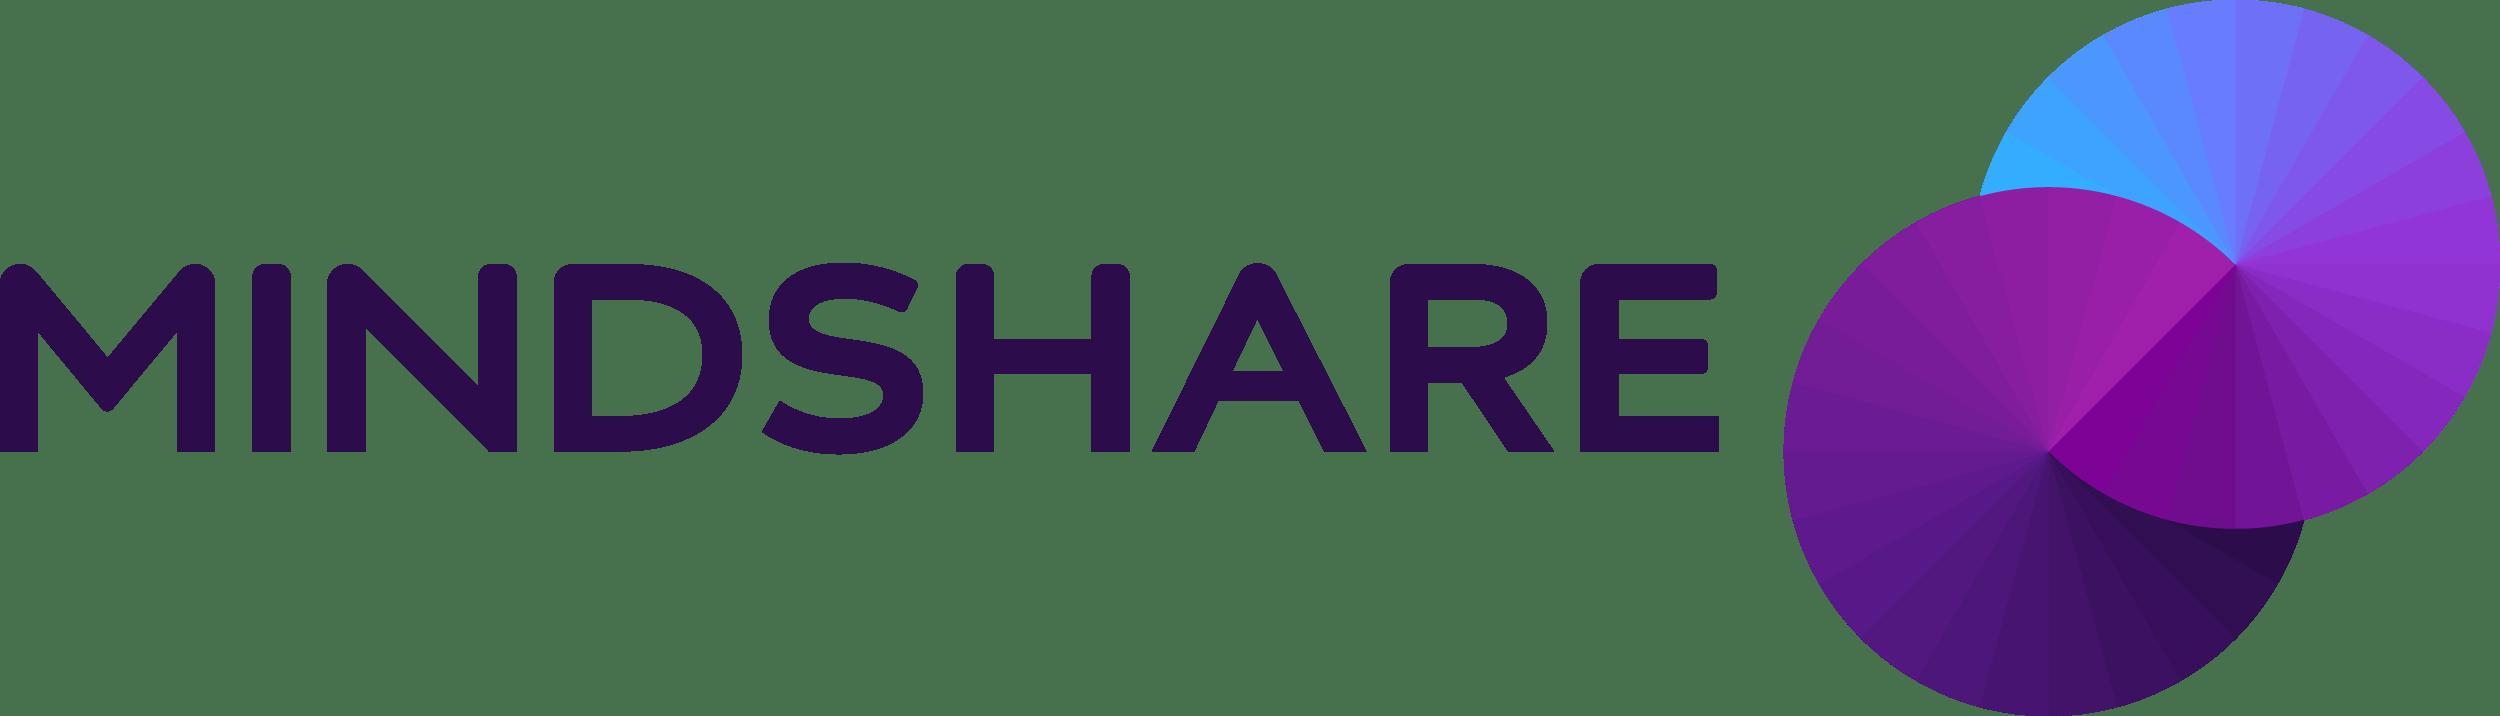 mindshare-agency-logo